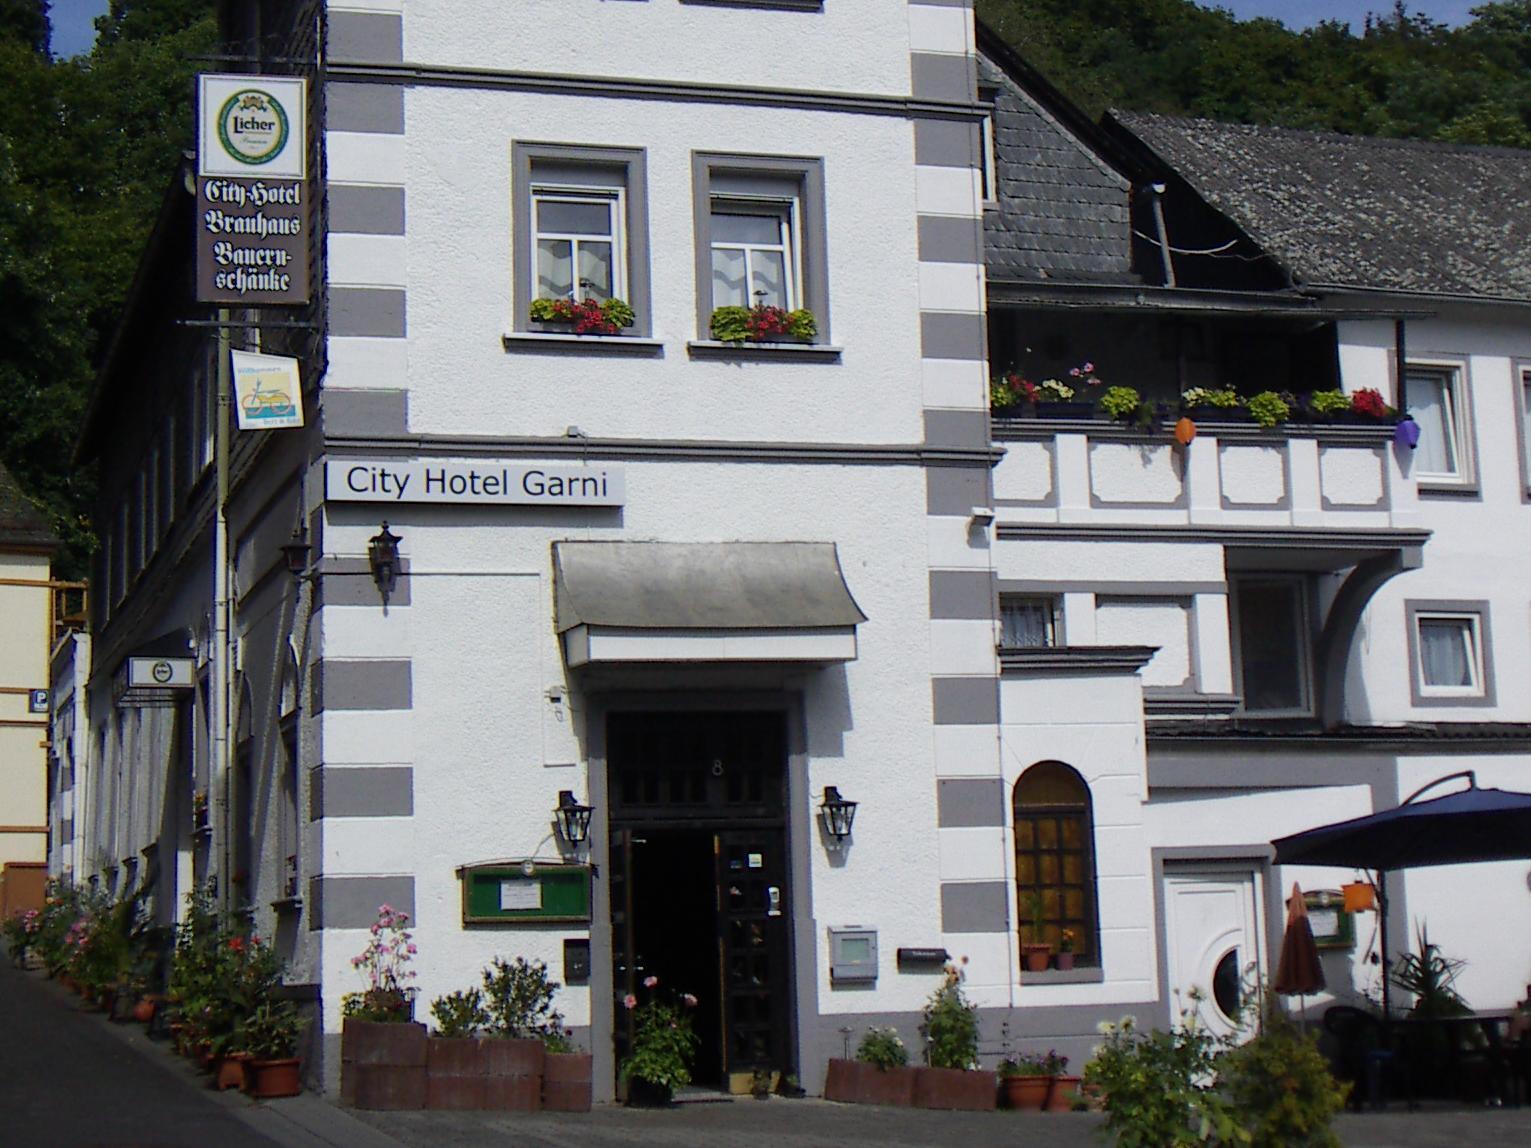 City Hotel Garni Diez